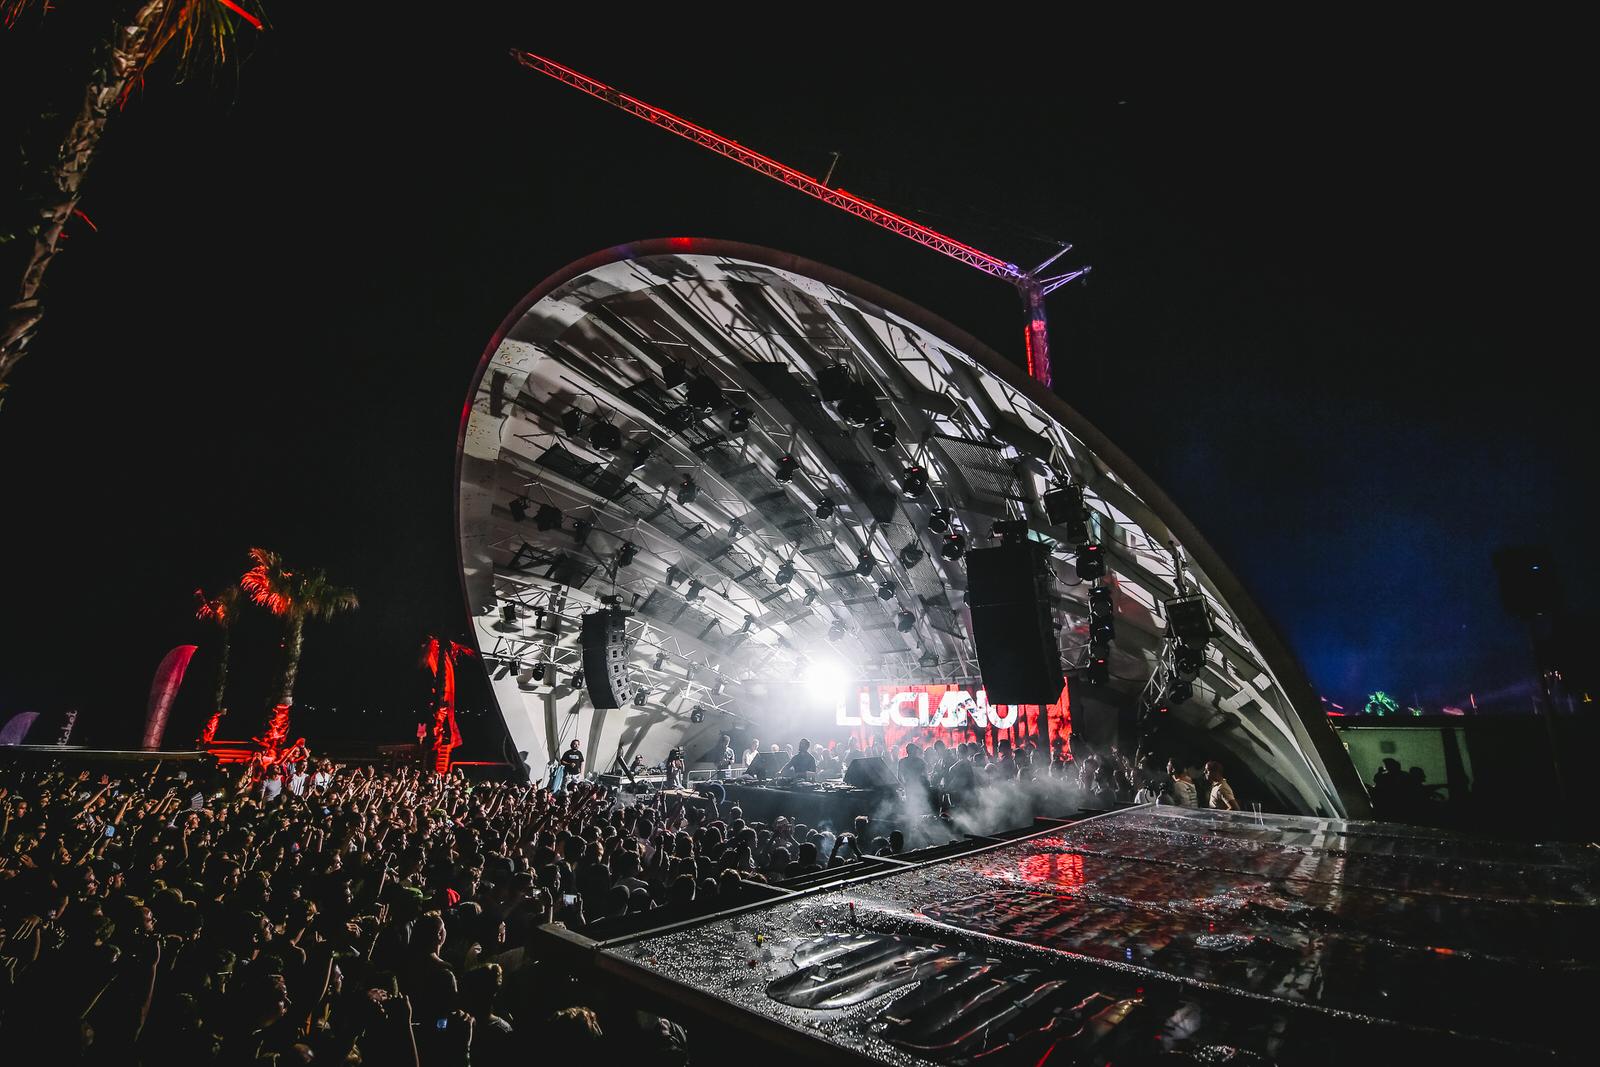 sonus-festival-2015-25.jpg